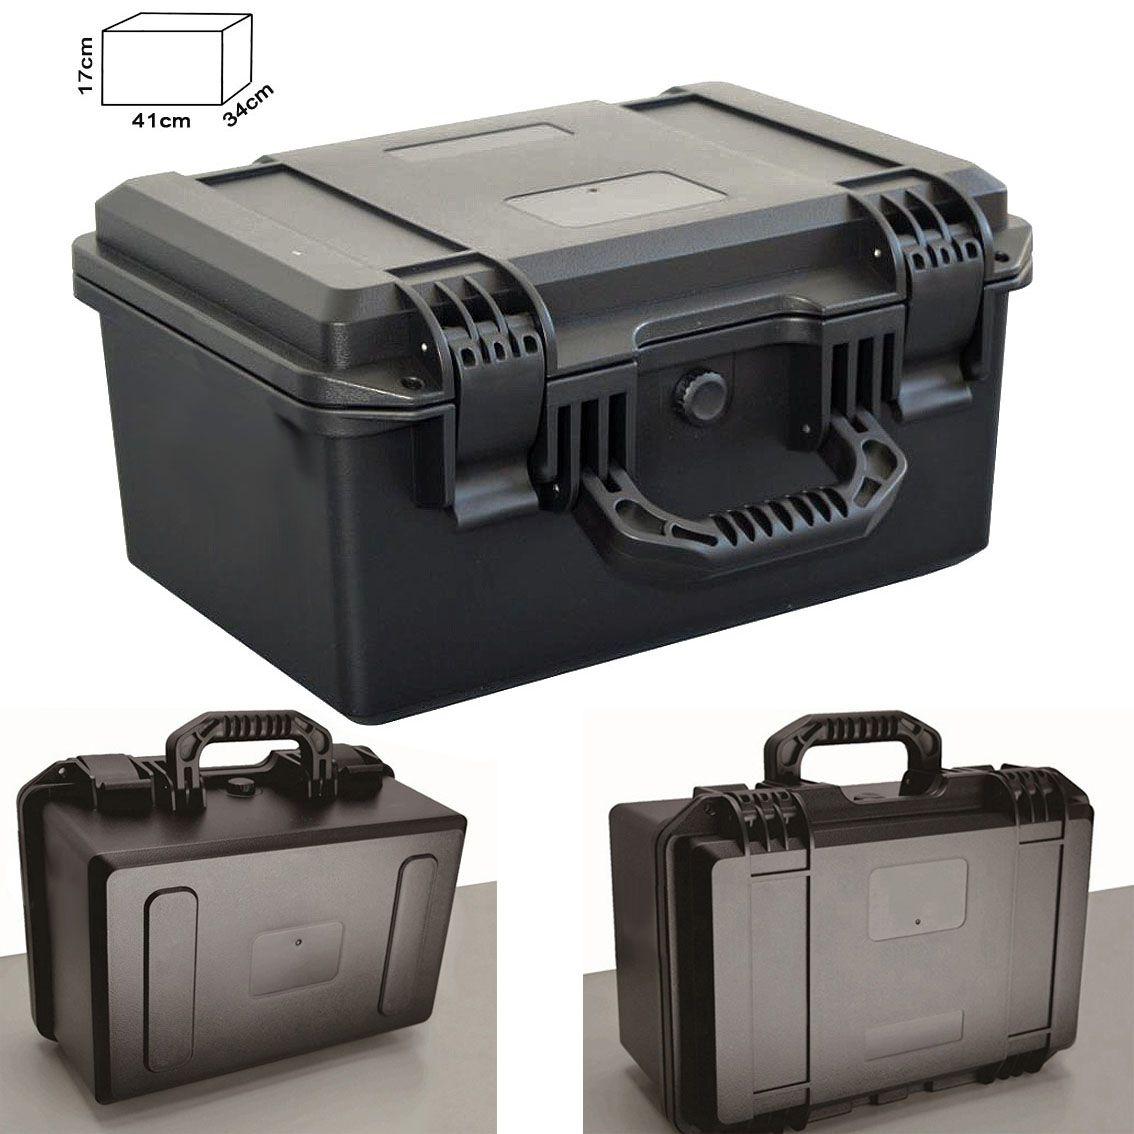 Mala Rigida DSLR - CaseONE YF2838H Foam com Kit de Limpeza EC05  - Diafilme Materiais Fotográficos